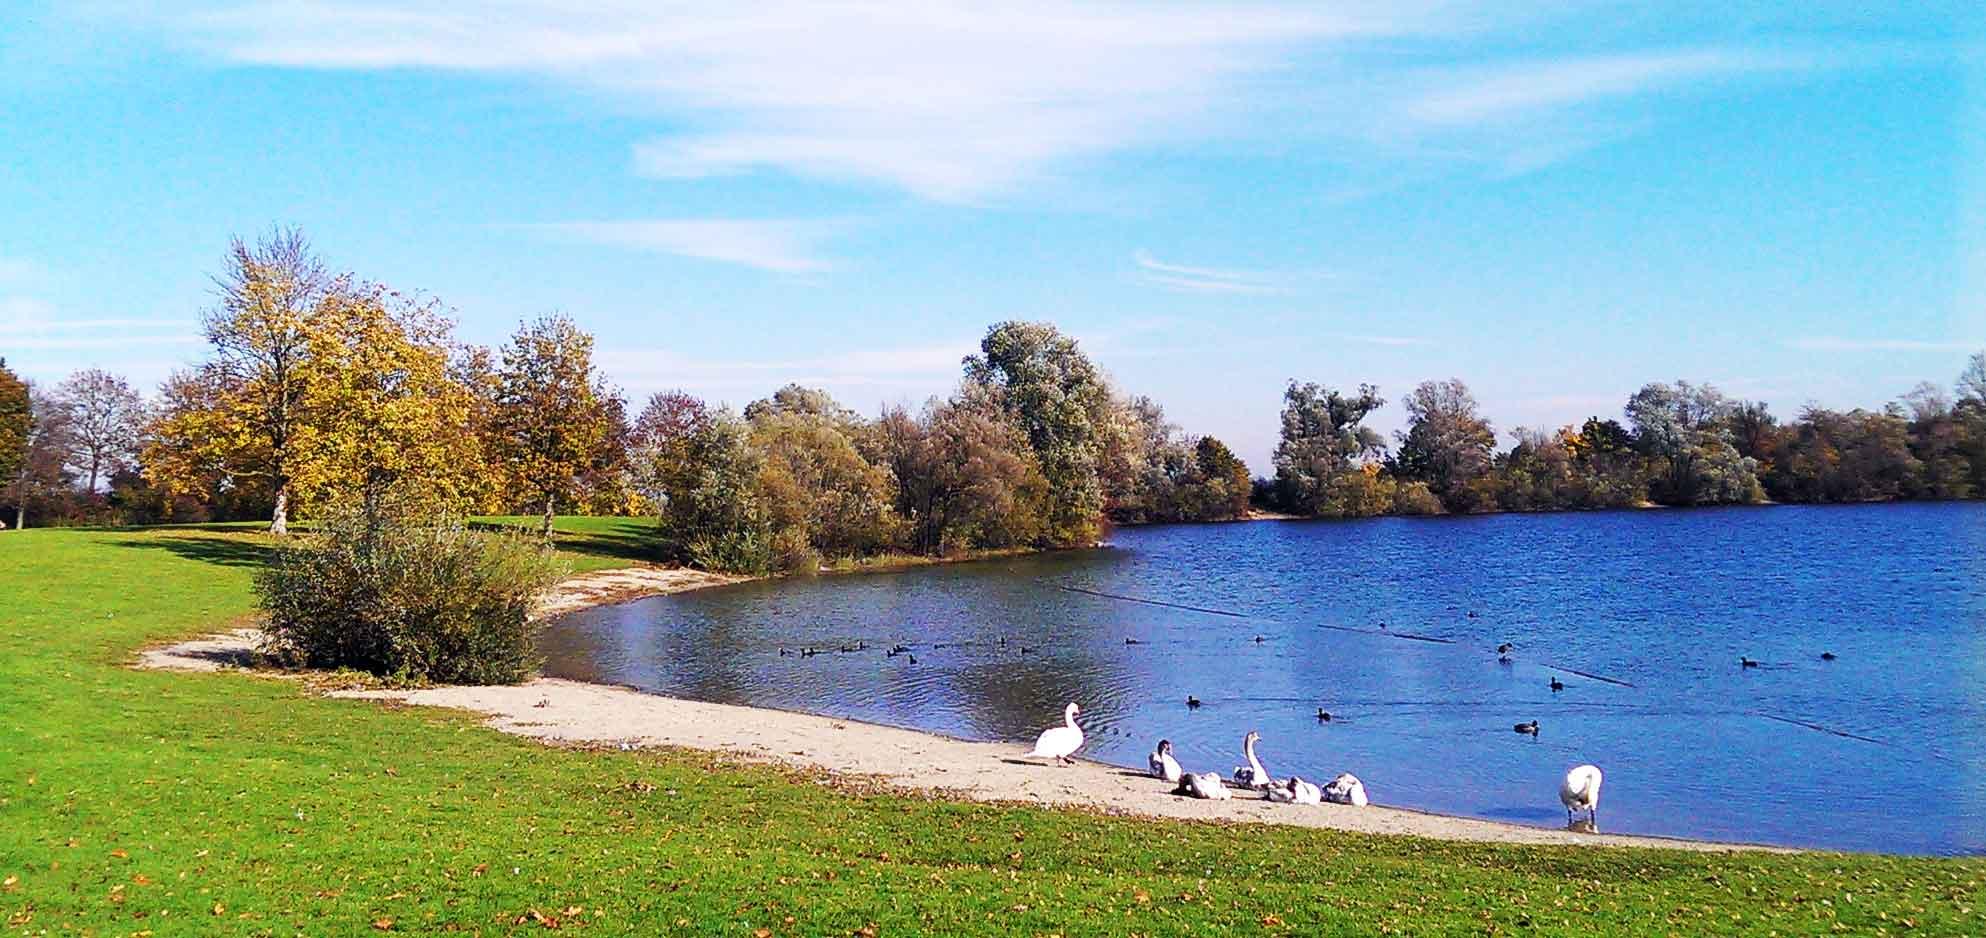 2014-11-02-Neu-Ulm-Badesee